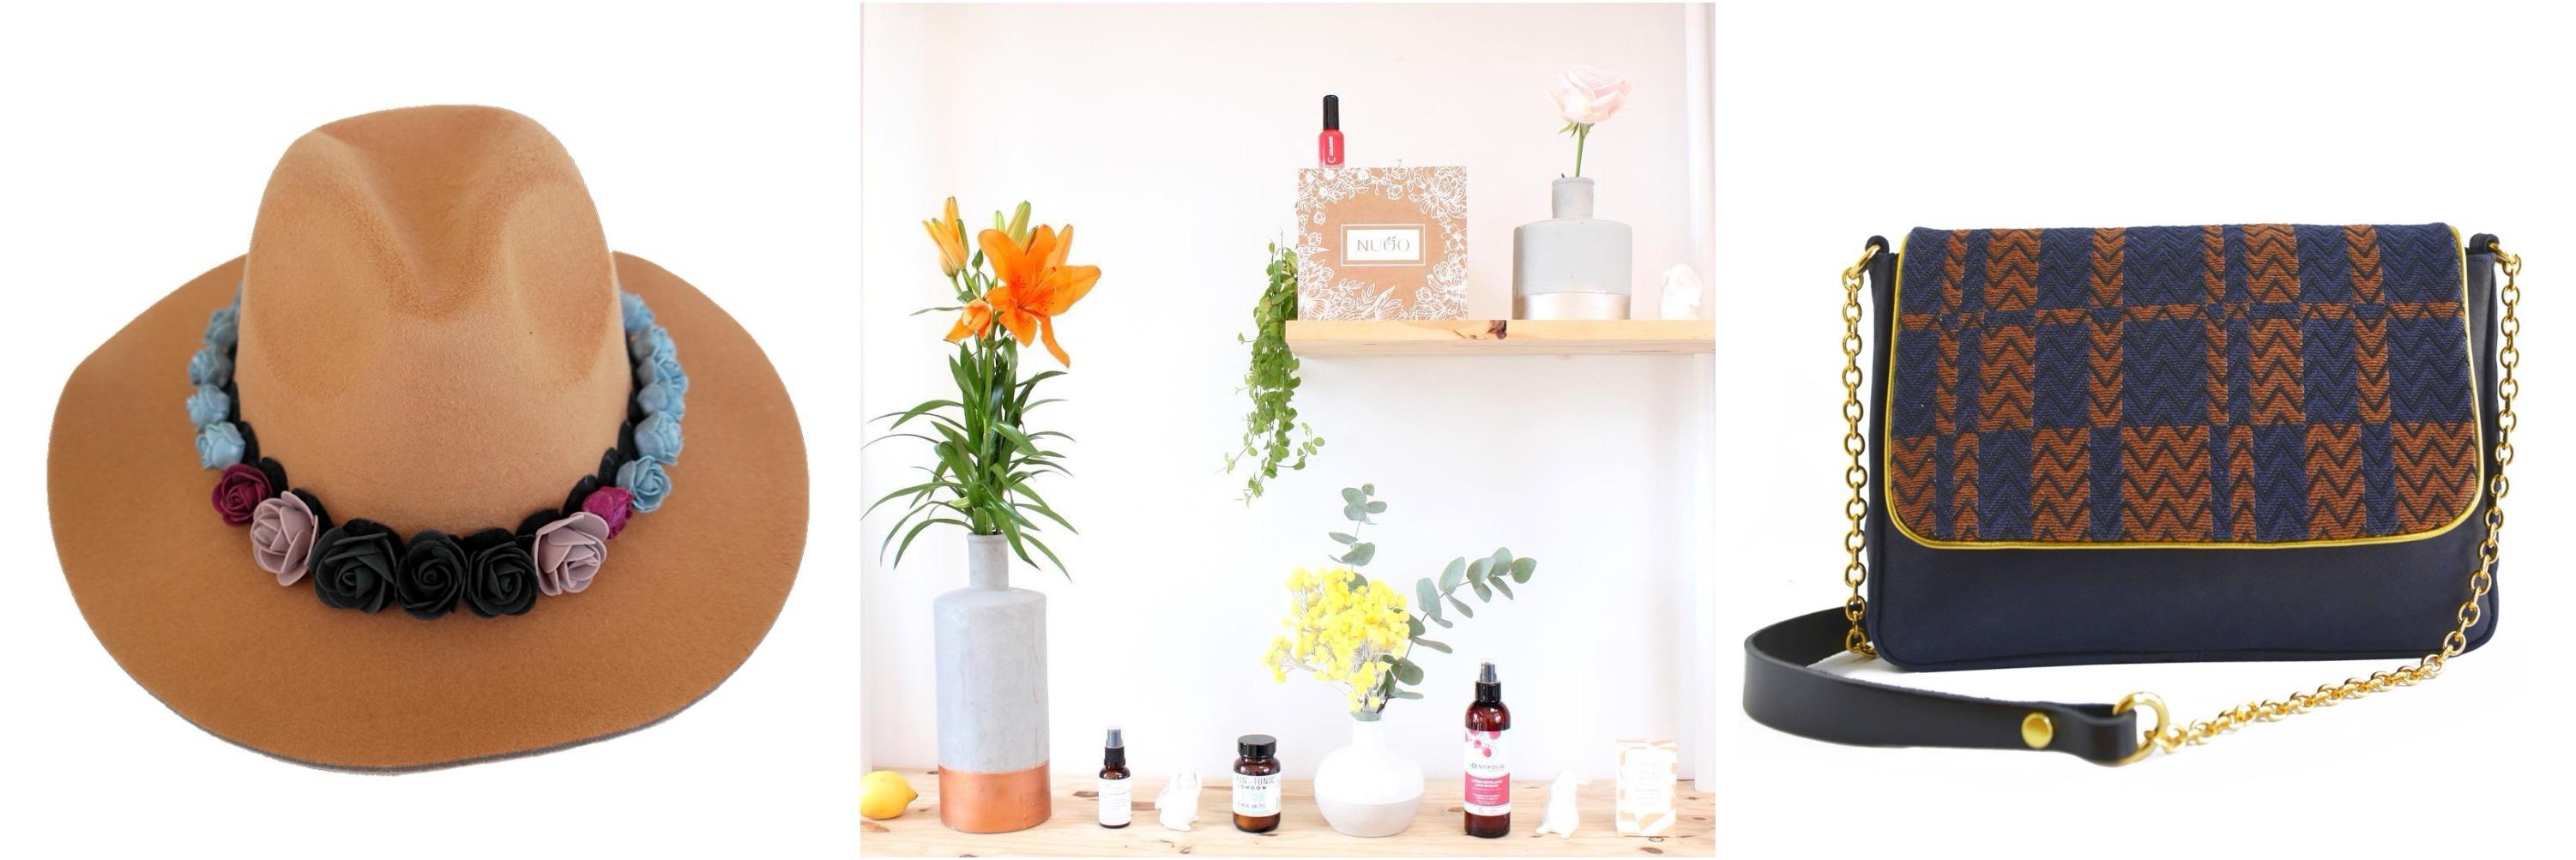 idées cadeaux pour femmes eshop - blog Camille In Bordeaux